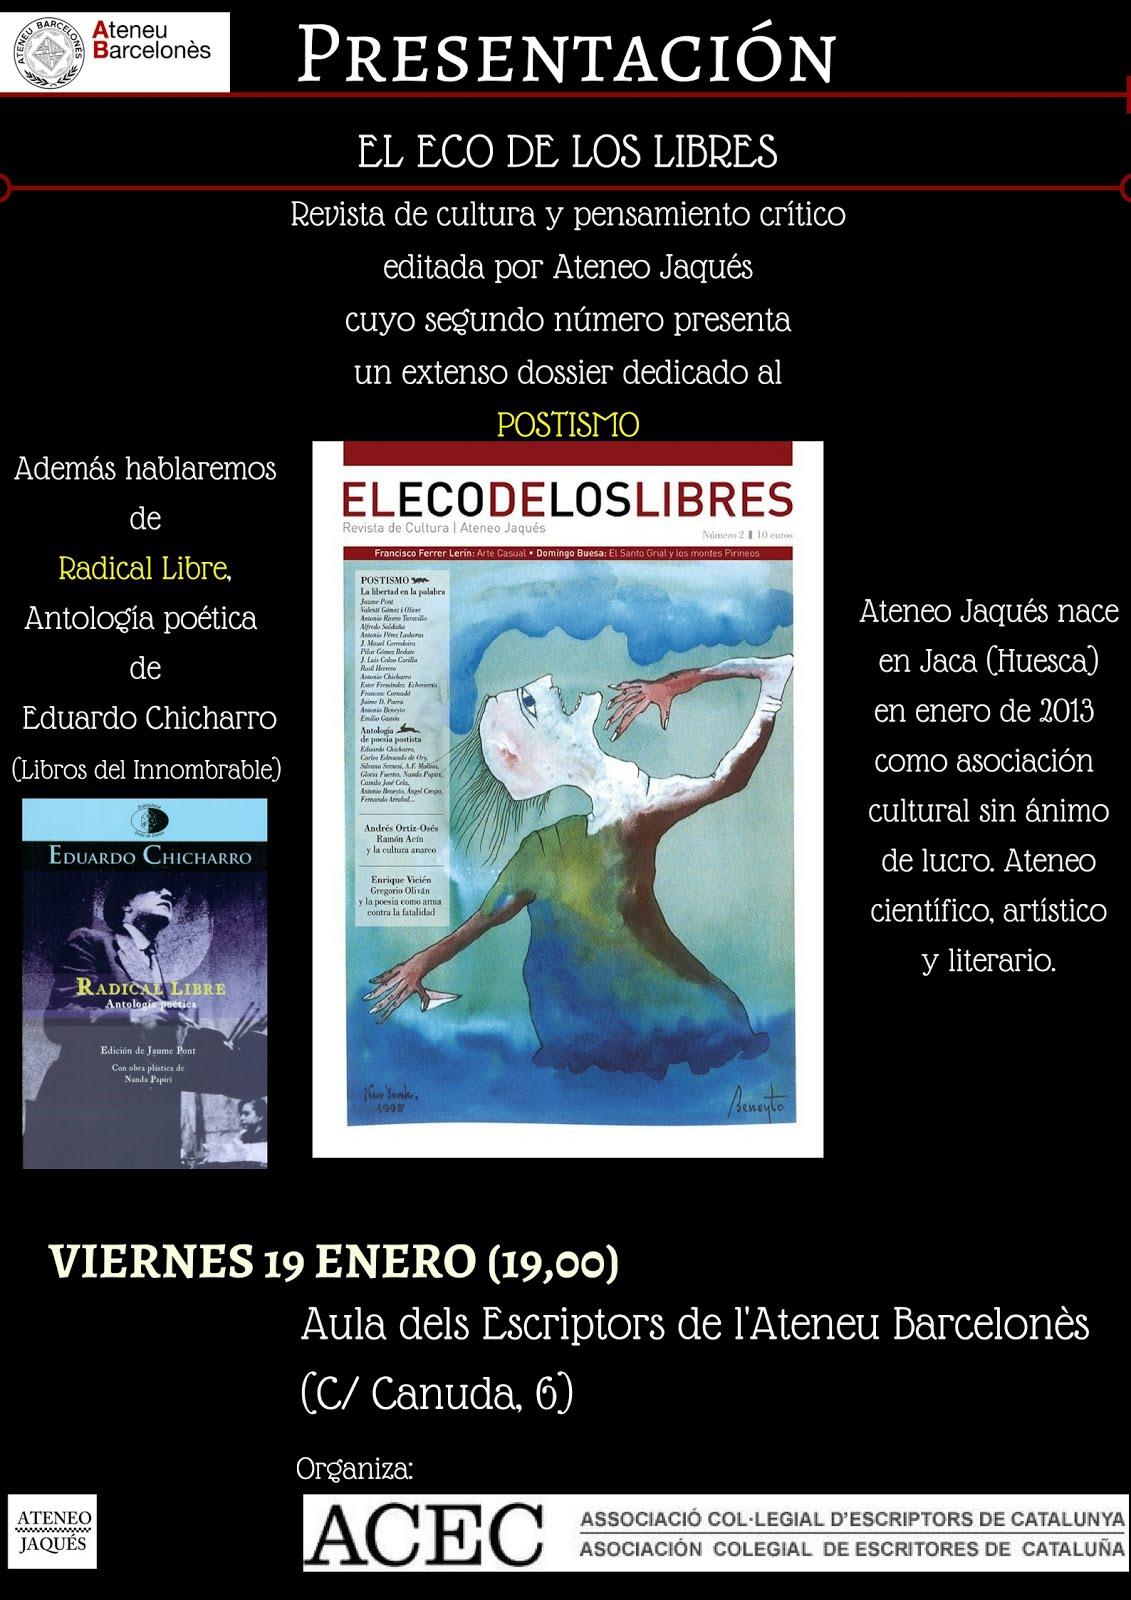 """19 ENERO BARCELONA: Presentación """"El eco de los libres"""" (19,00)"""